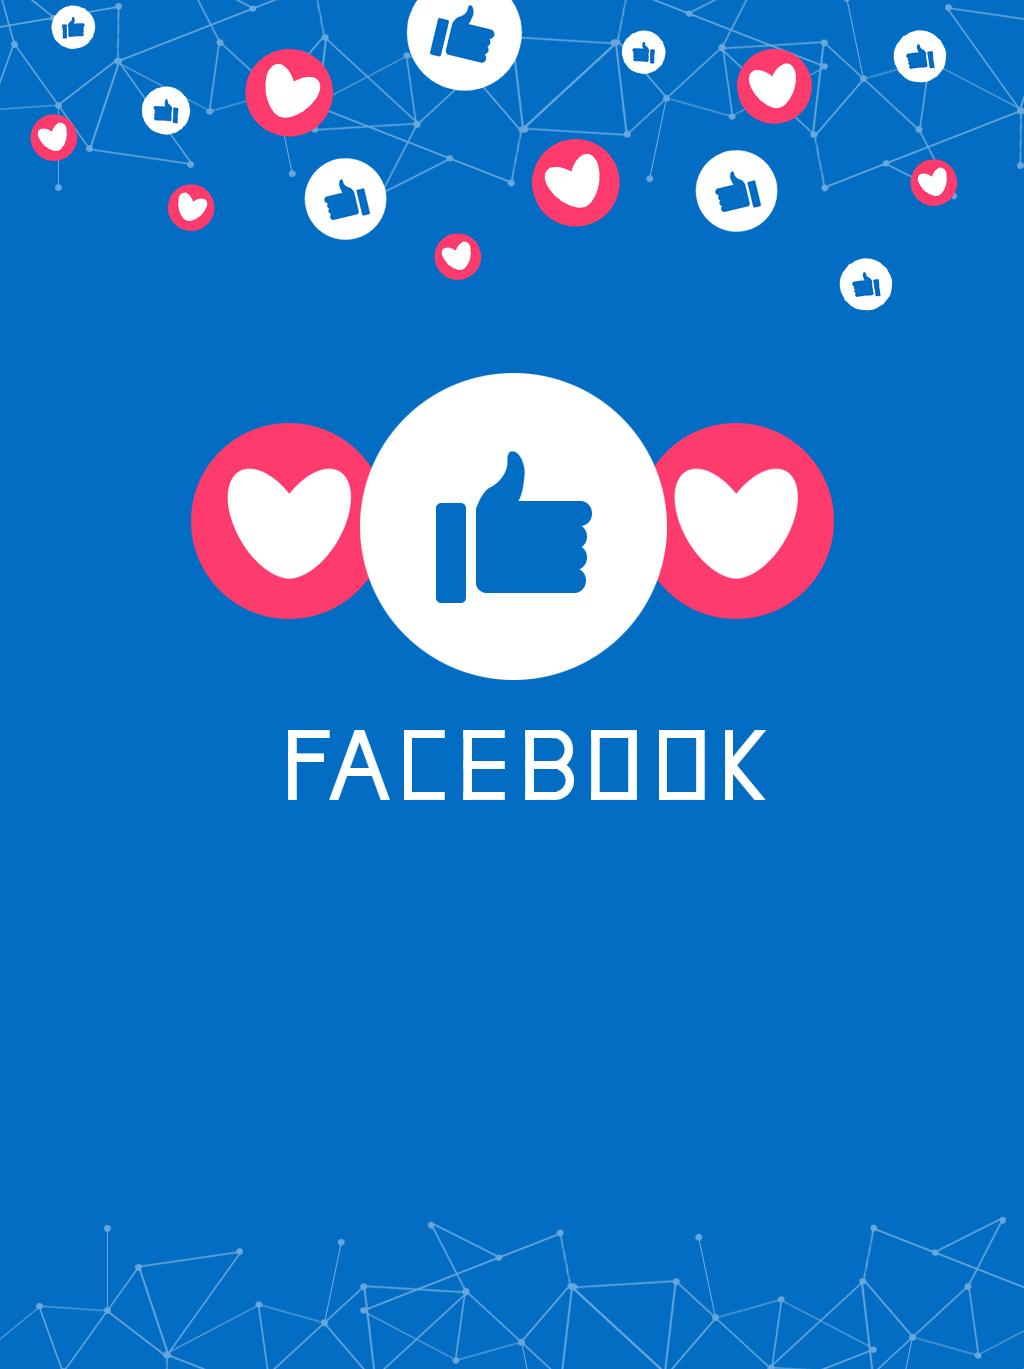 独立站+Facebook怎么玩,流量怎么来?这几个环节很重要!